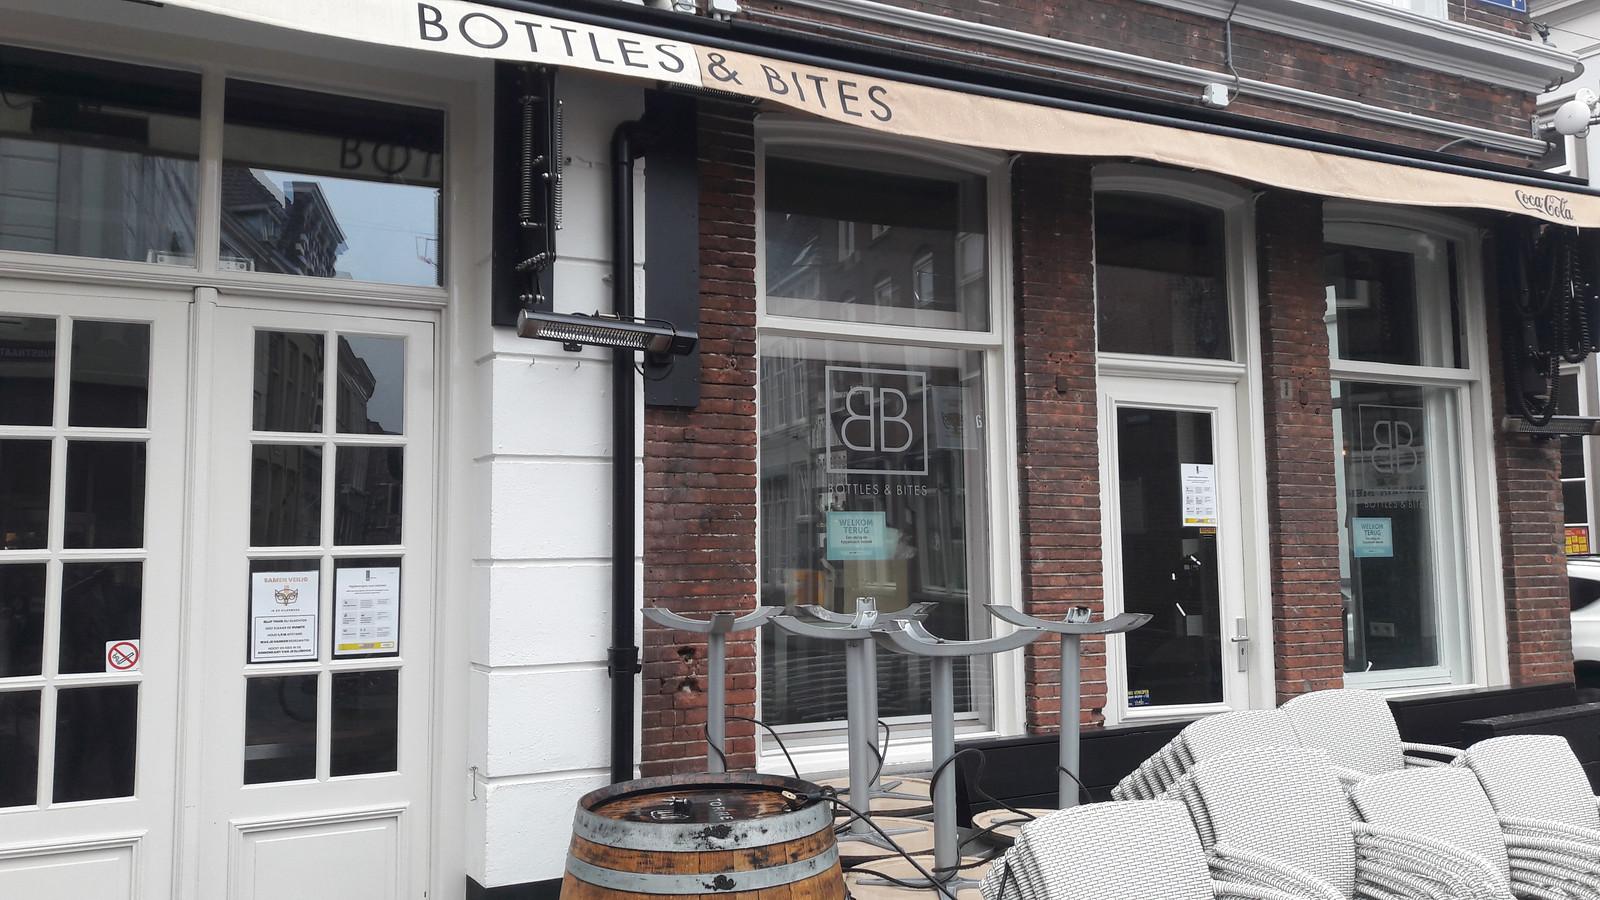 Bottles & Bites in de Korenbrugstraat is eigendom van de Bosschenaar die woensdag is aangehouden en donderdag nog was opgesloten.